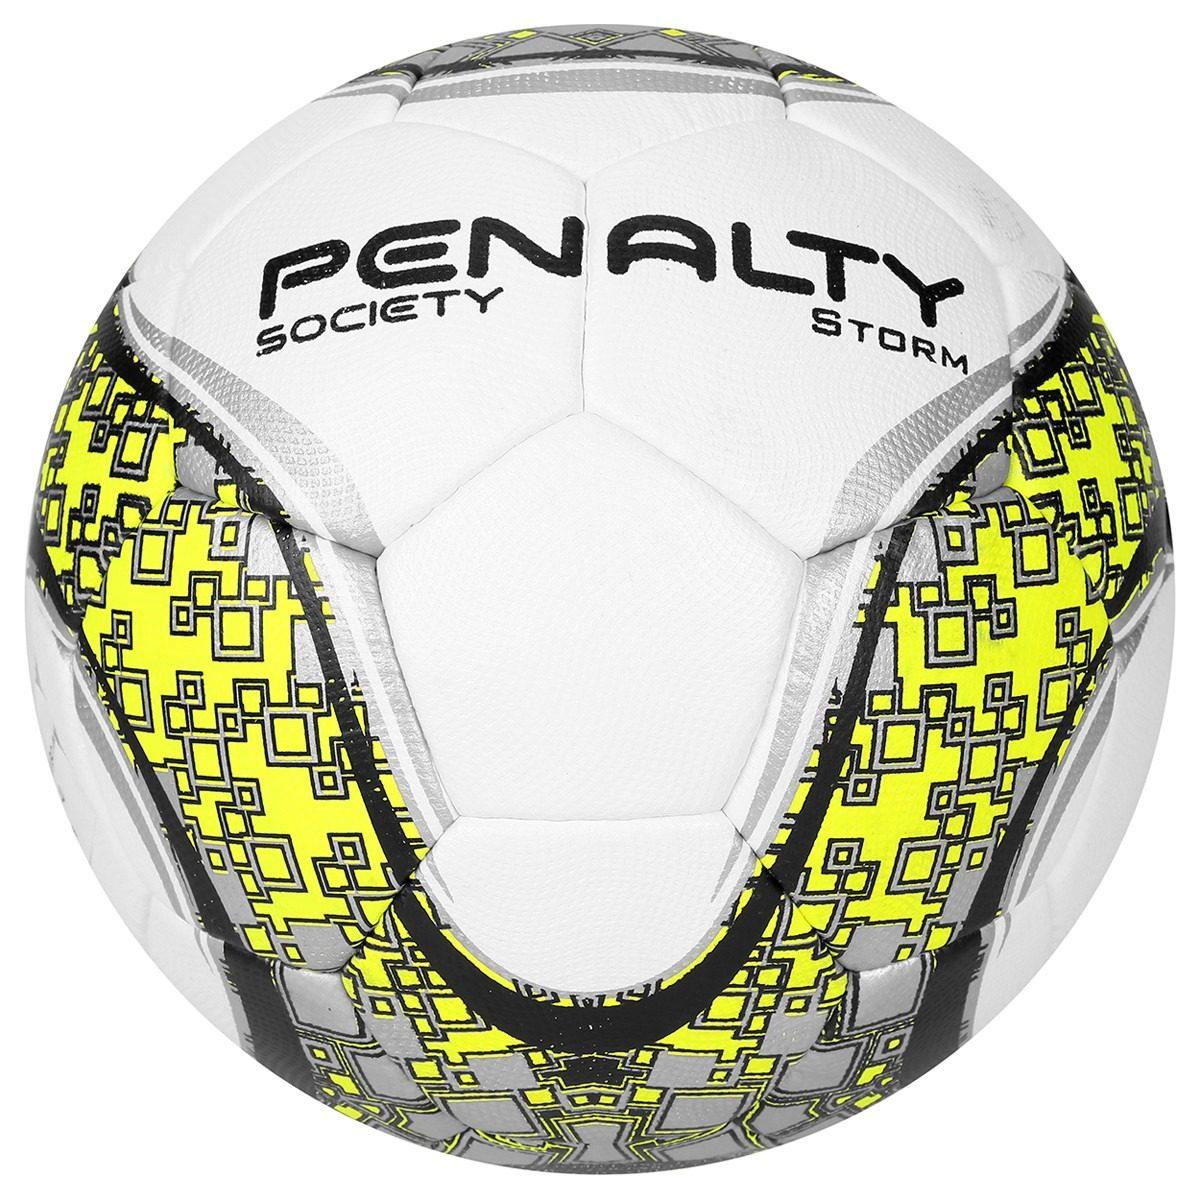 e7690054b2 bola penalty society storm 6 original com costura 1magnus. Carregando zoom.